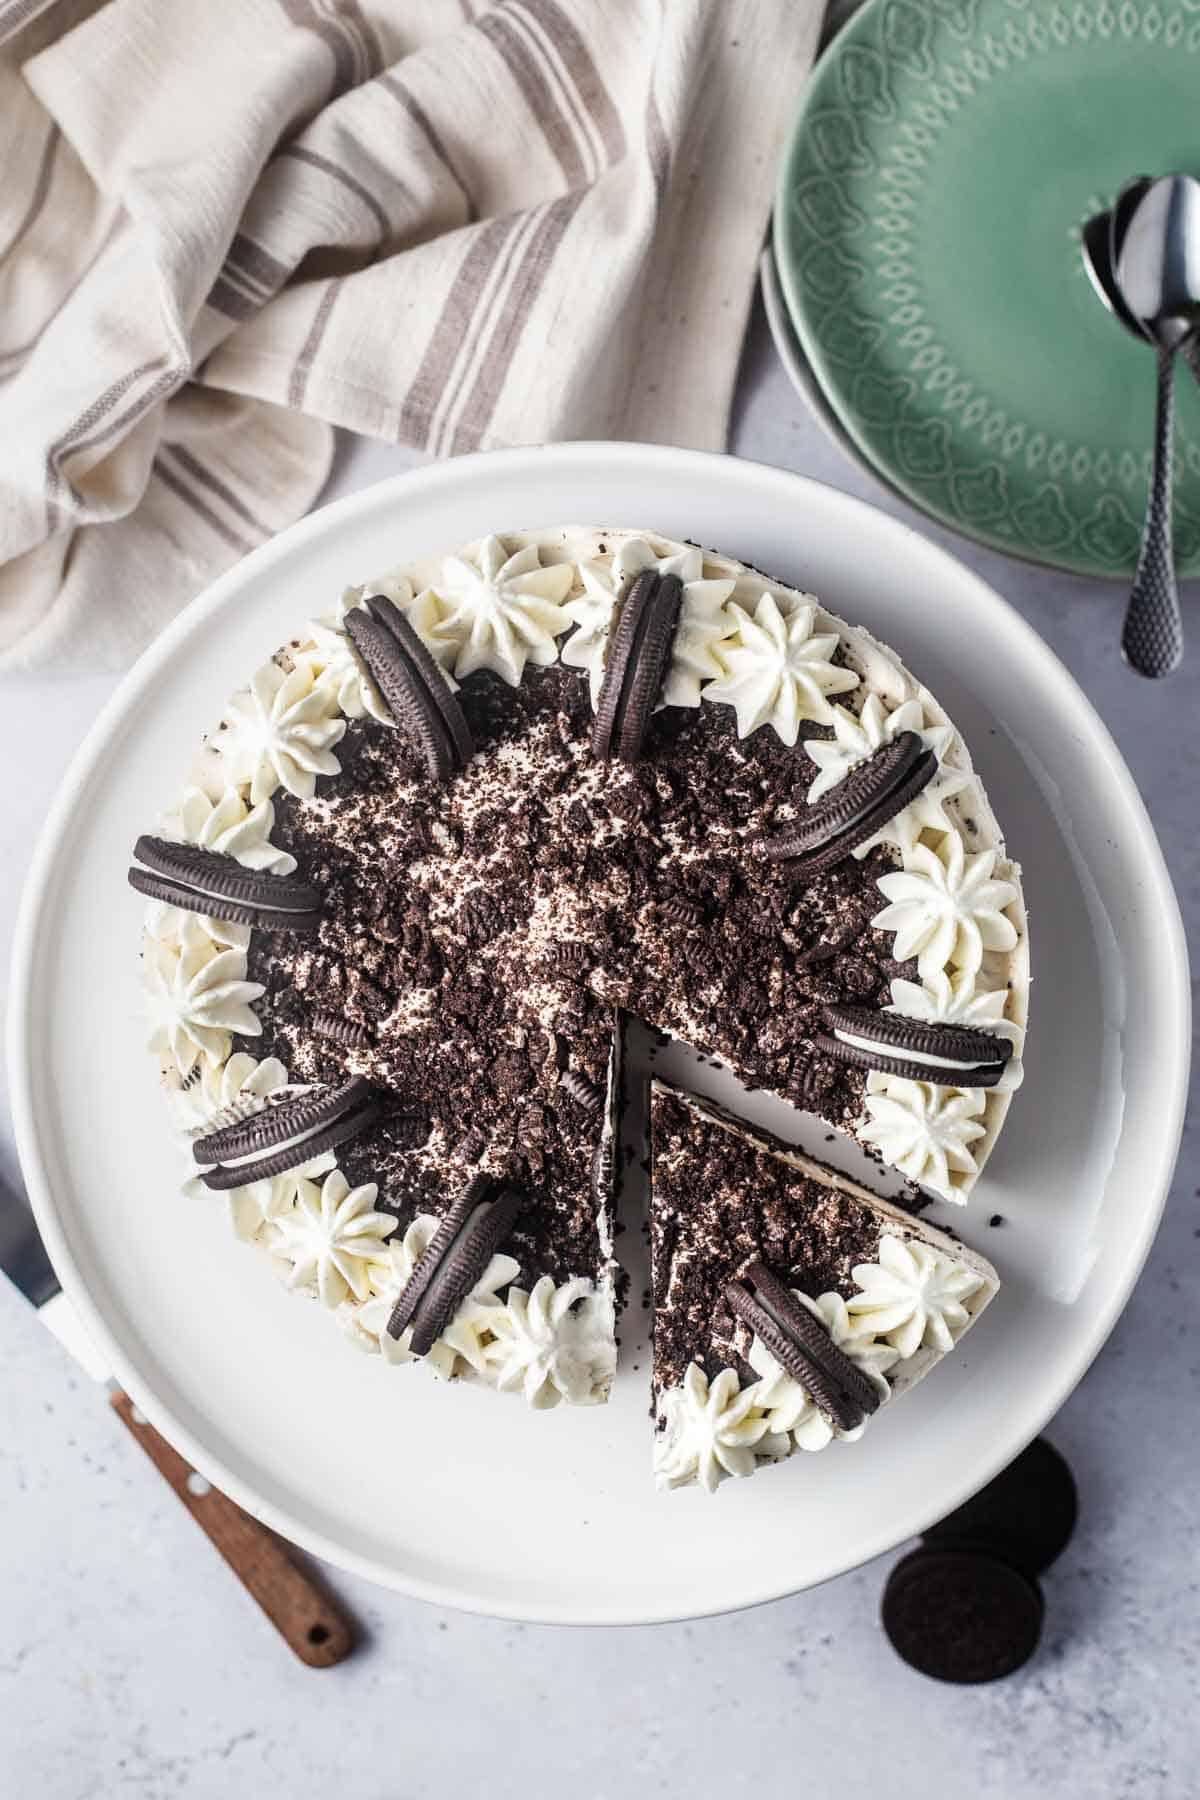 Birds eye view of vegan Oreo cheesecake on a white plate.